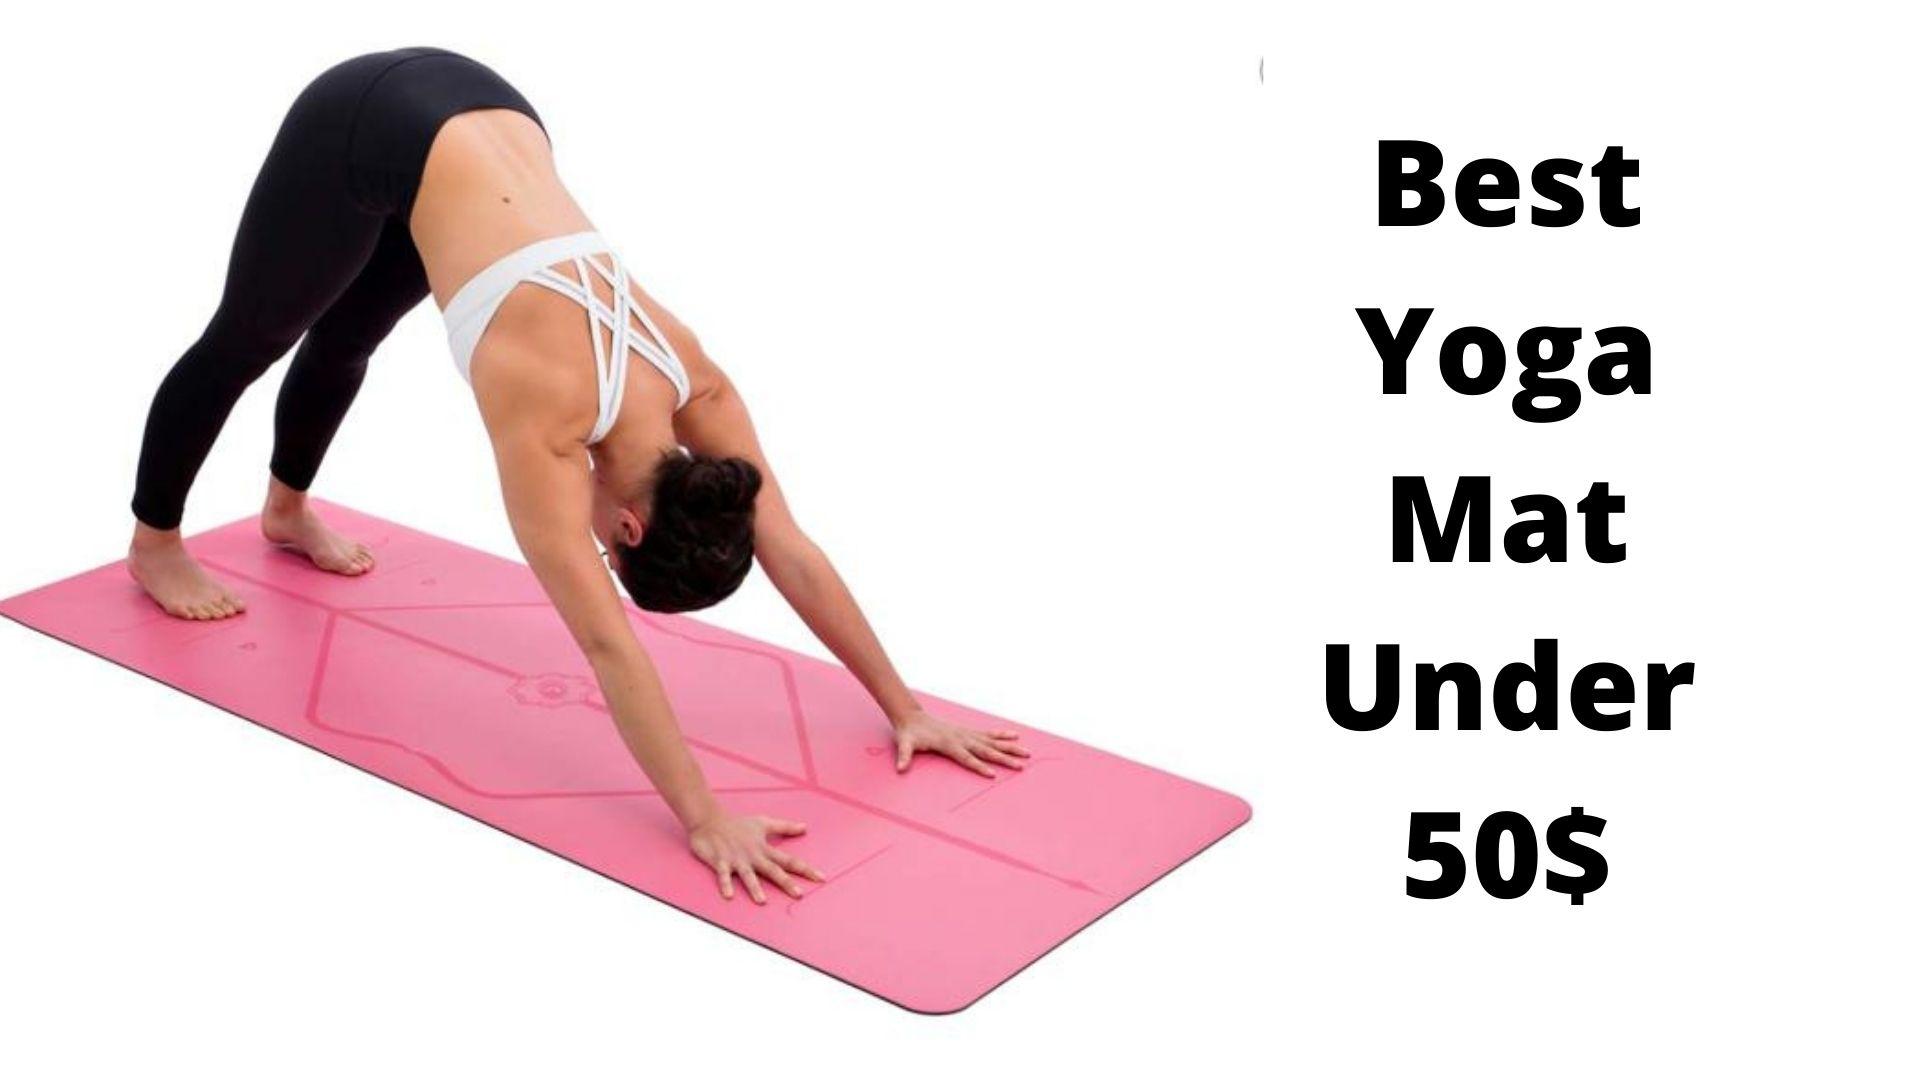 Best Yoga Mat Under 50$